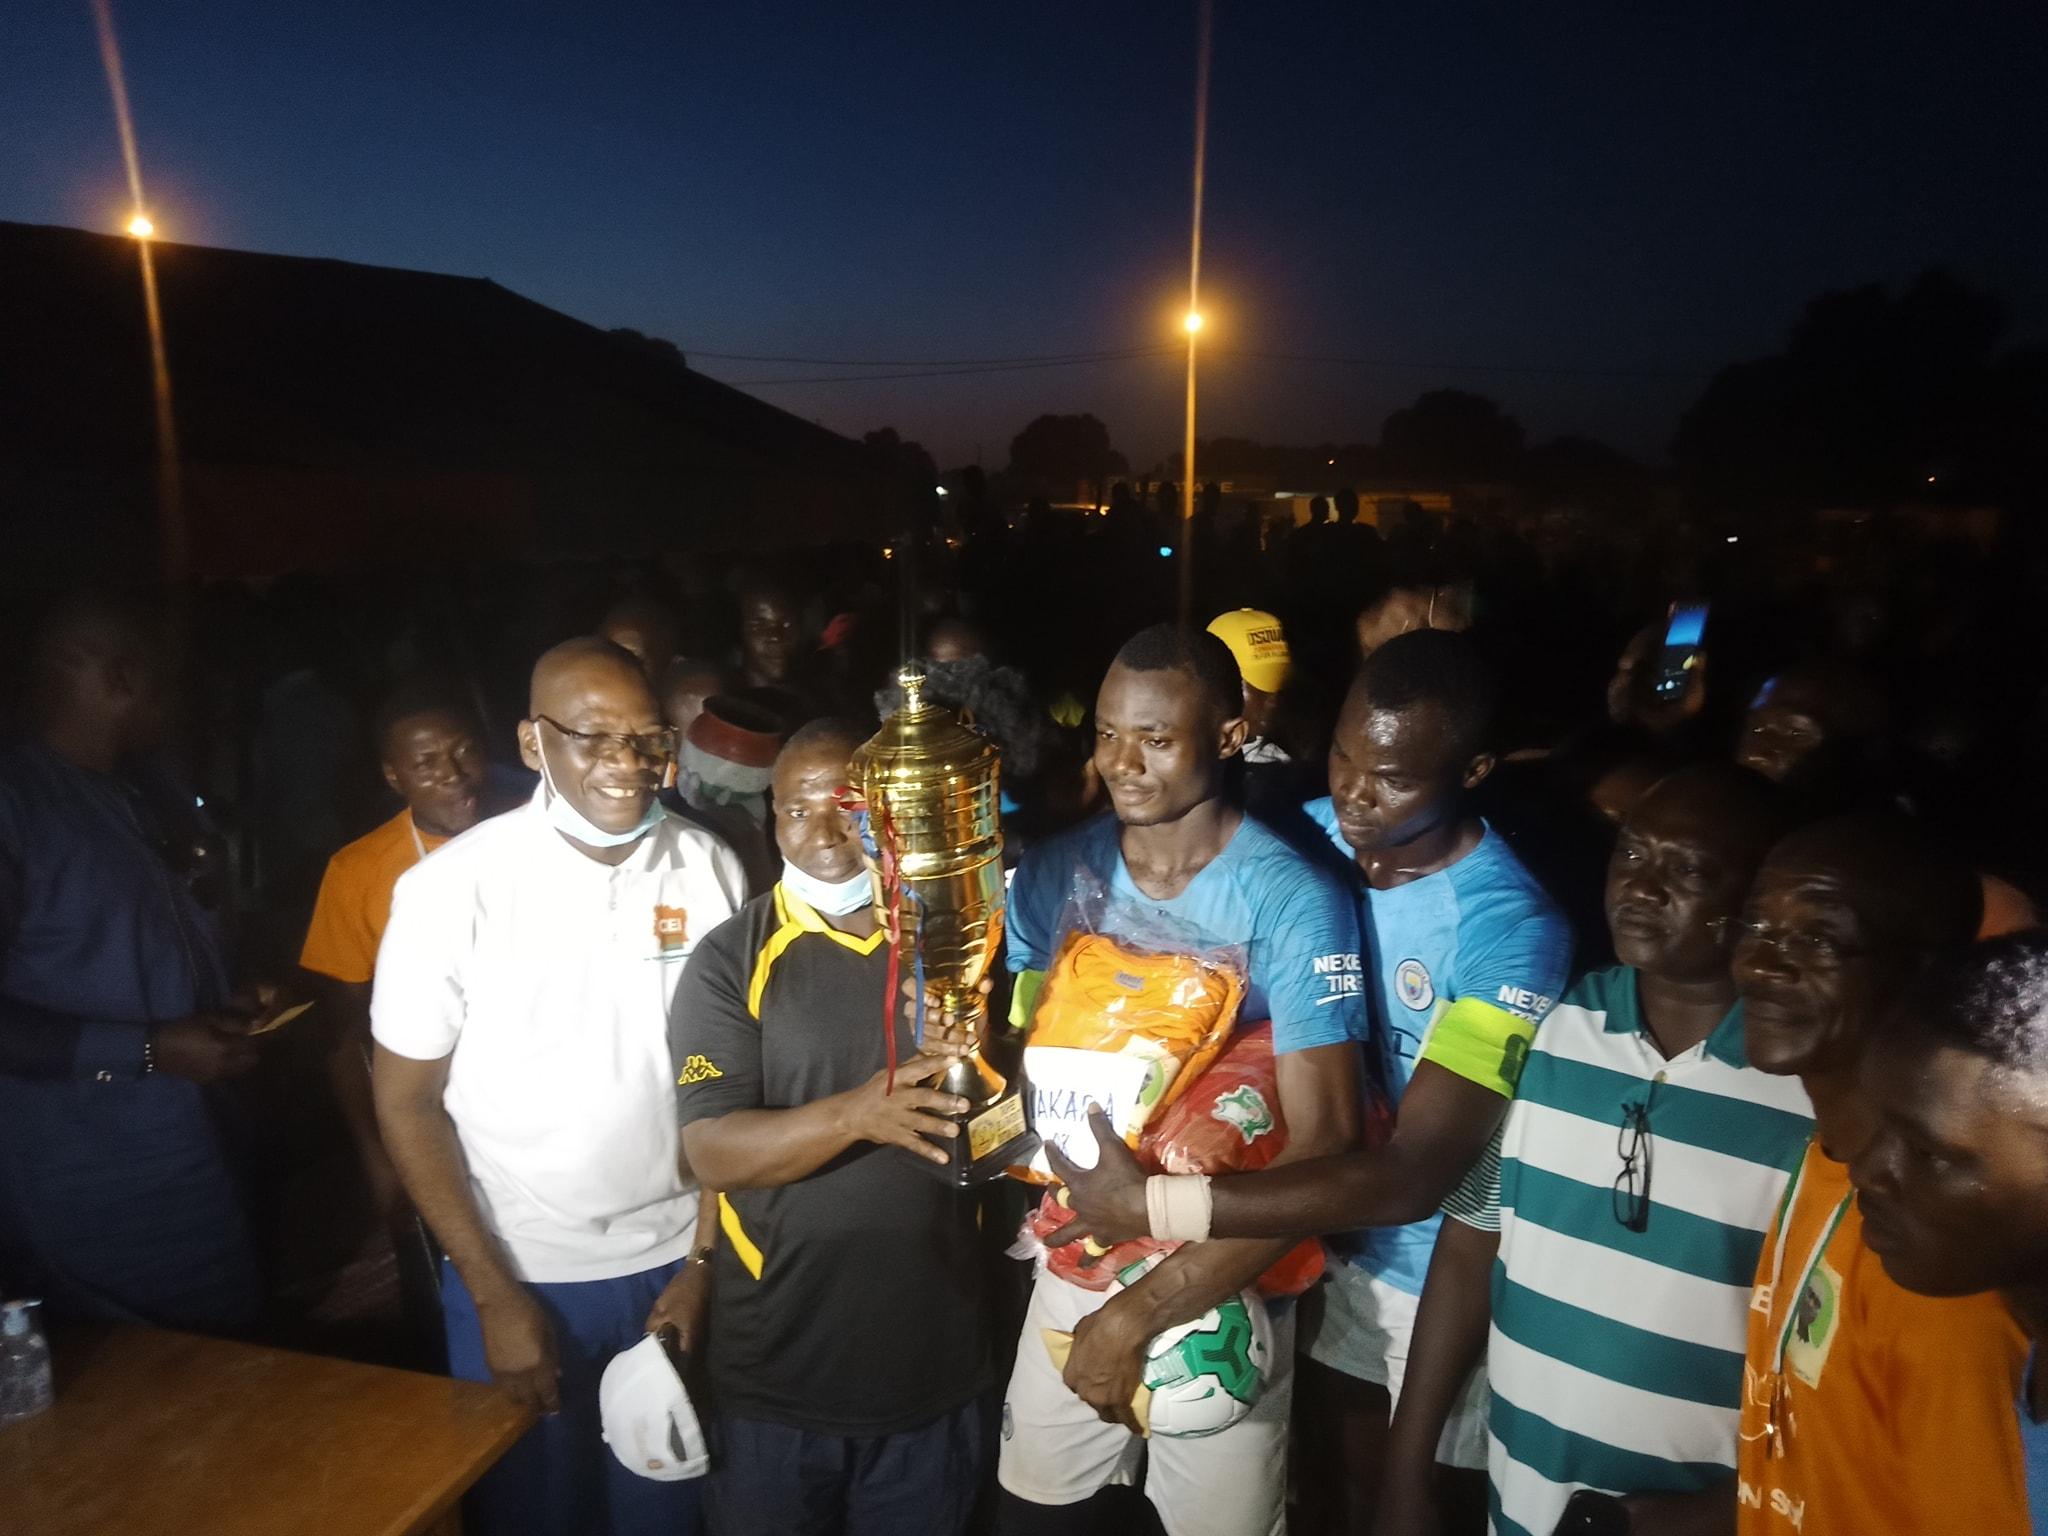 [Côte d'Ivoire Avant la présidentielle 2020] Ouattara Clément galvanise Niakara au maintien de la paix et de la cohésion sociale autour d'un tournoi de football